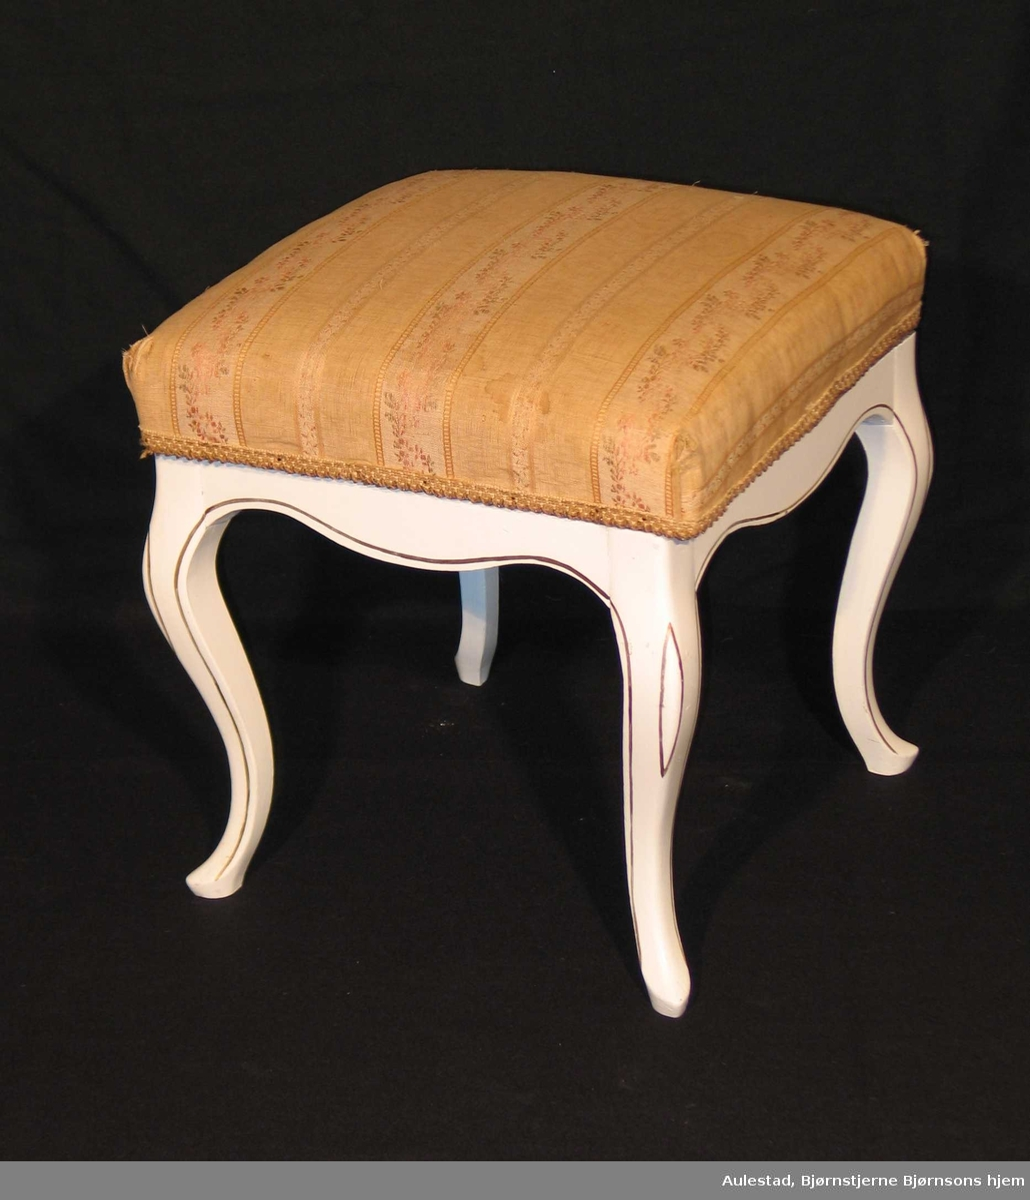 Hvitmalt krakk i bjørk med en enkel bronselinje malt langs kantene. Stoppet sete trukket om i brokadestoff (skaffet av Dagny.) Svungne ben.